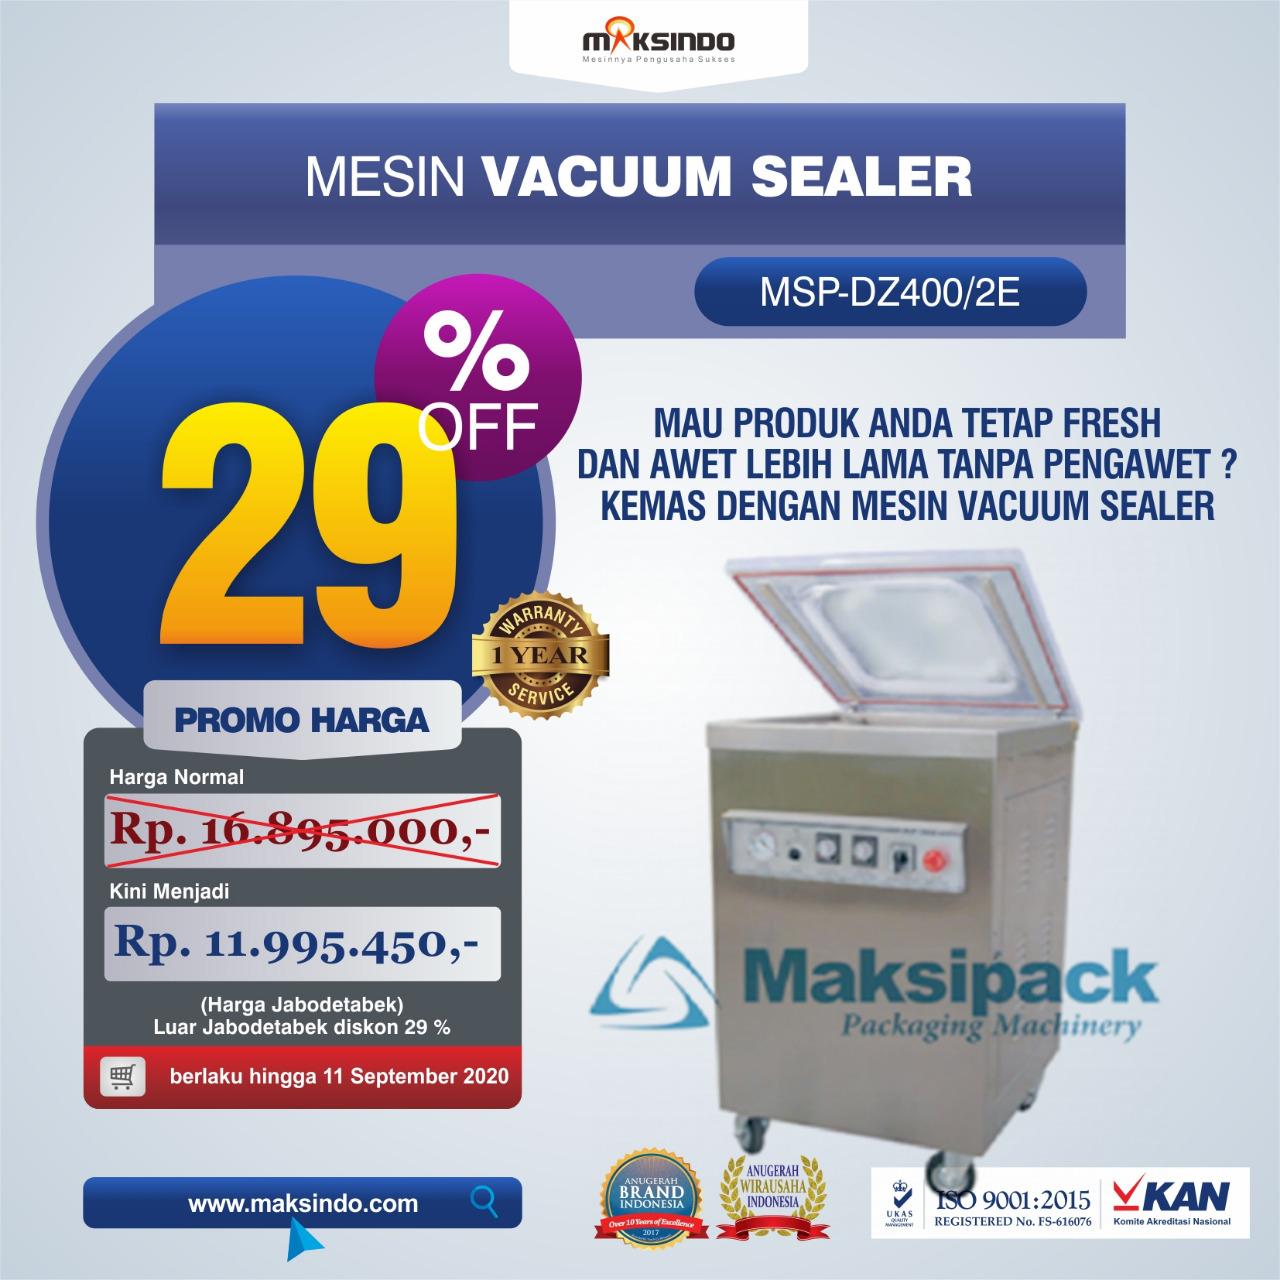 Jual Mesin Vacuum Sealer Type MSP-DZ400/2 E di Blitar